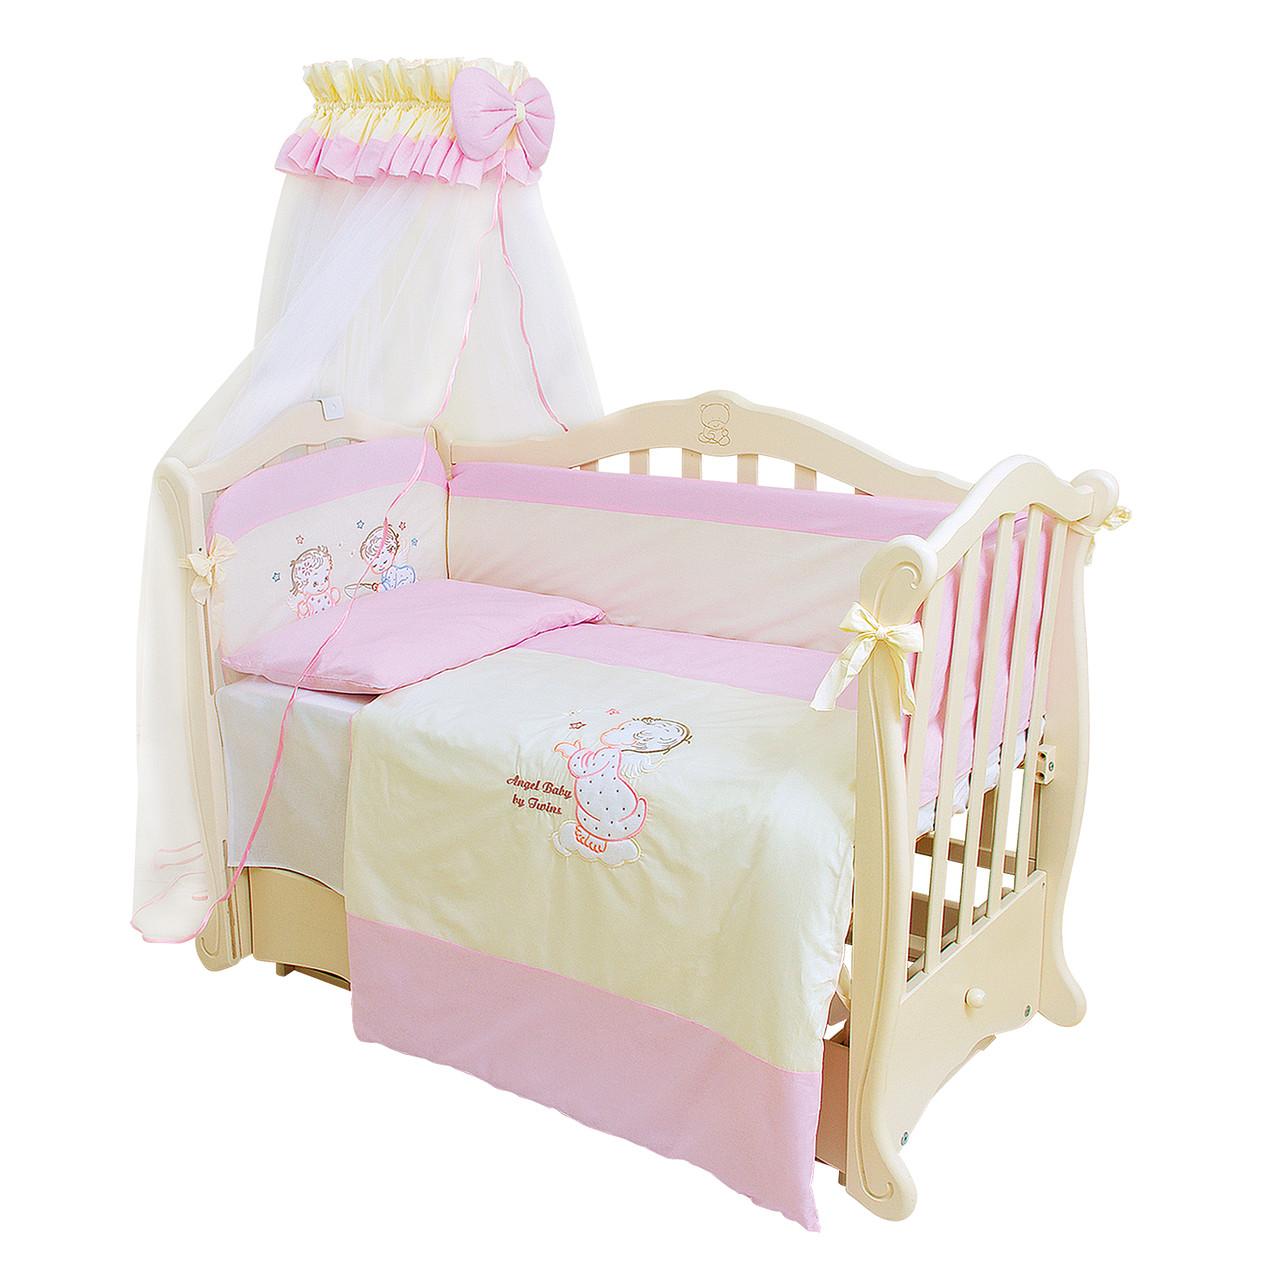 Детская постель Twins Evolution А-007 Ангелочки (7 элементов) + БЕСПЛАТНАЯ  ДОСТАВКА - ae9866f7cb3e9